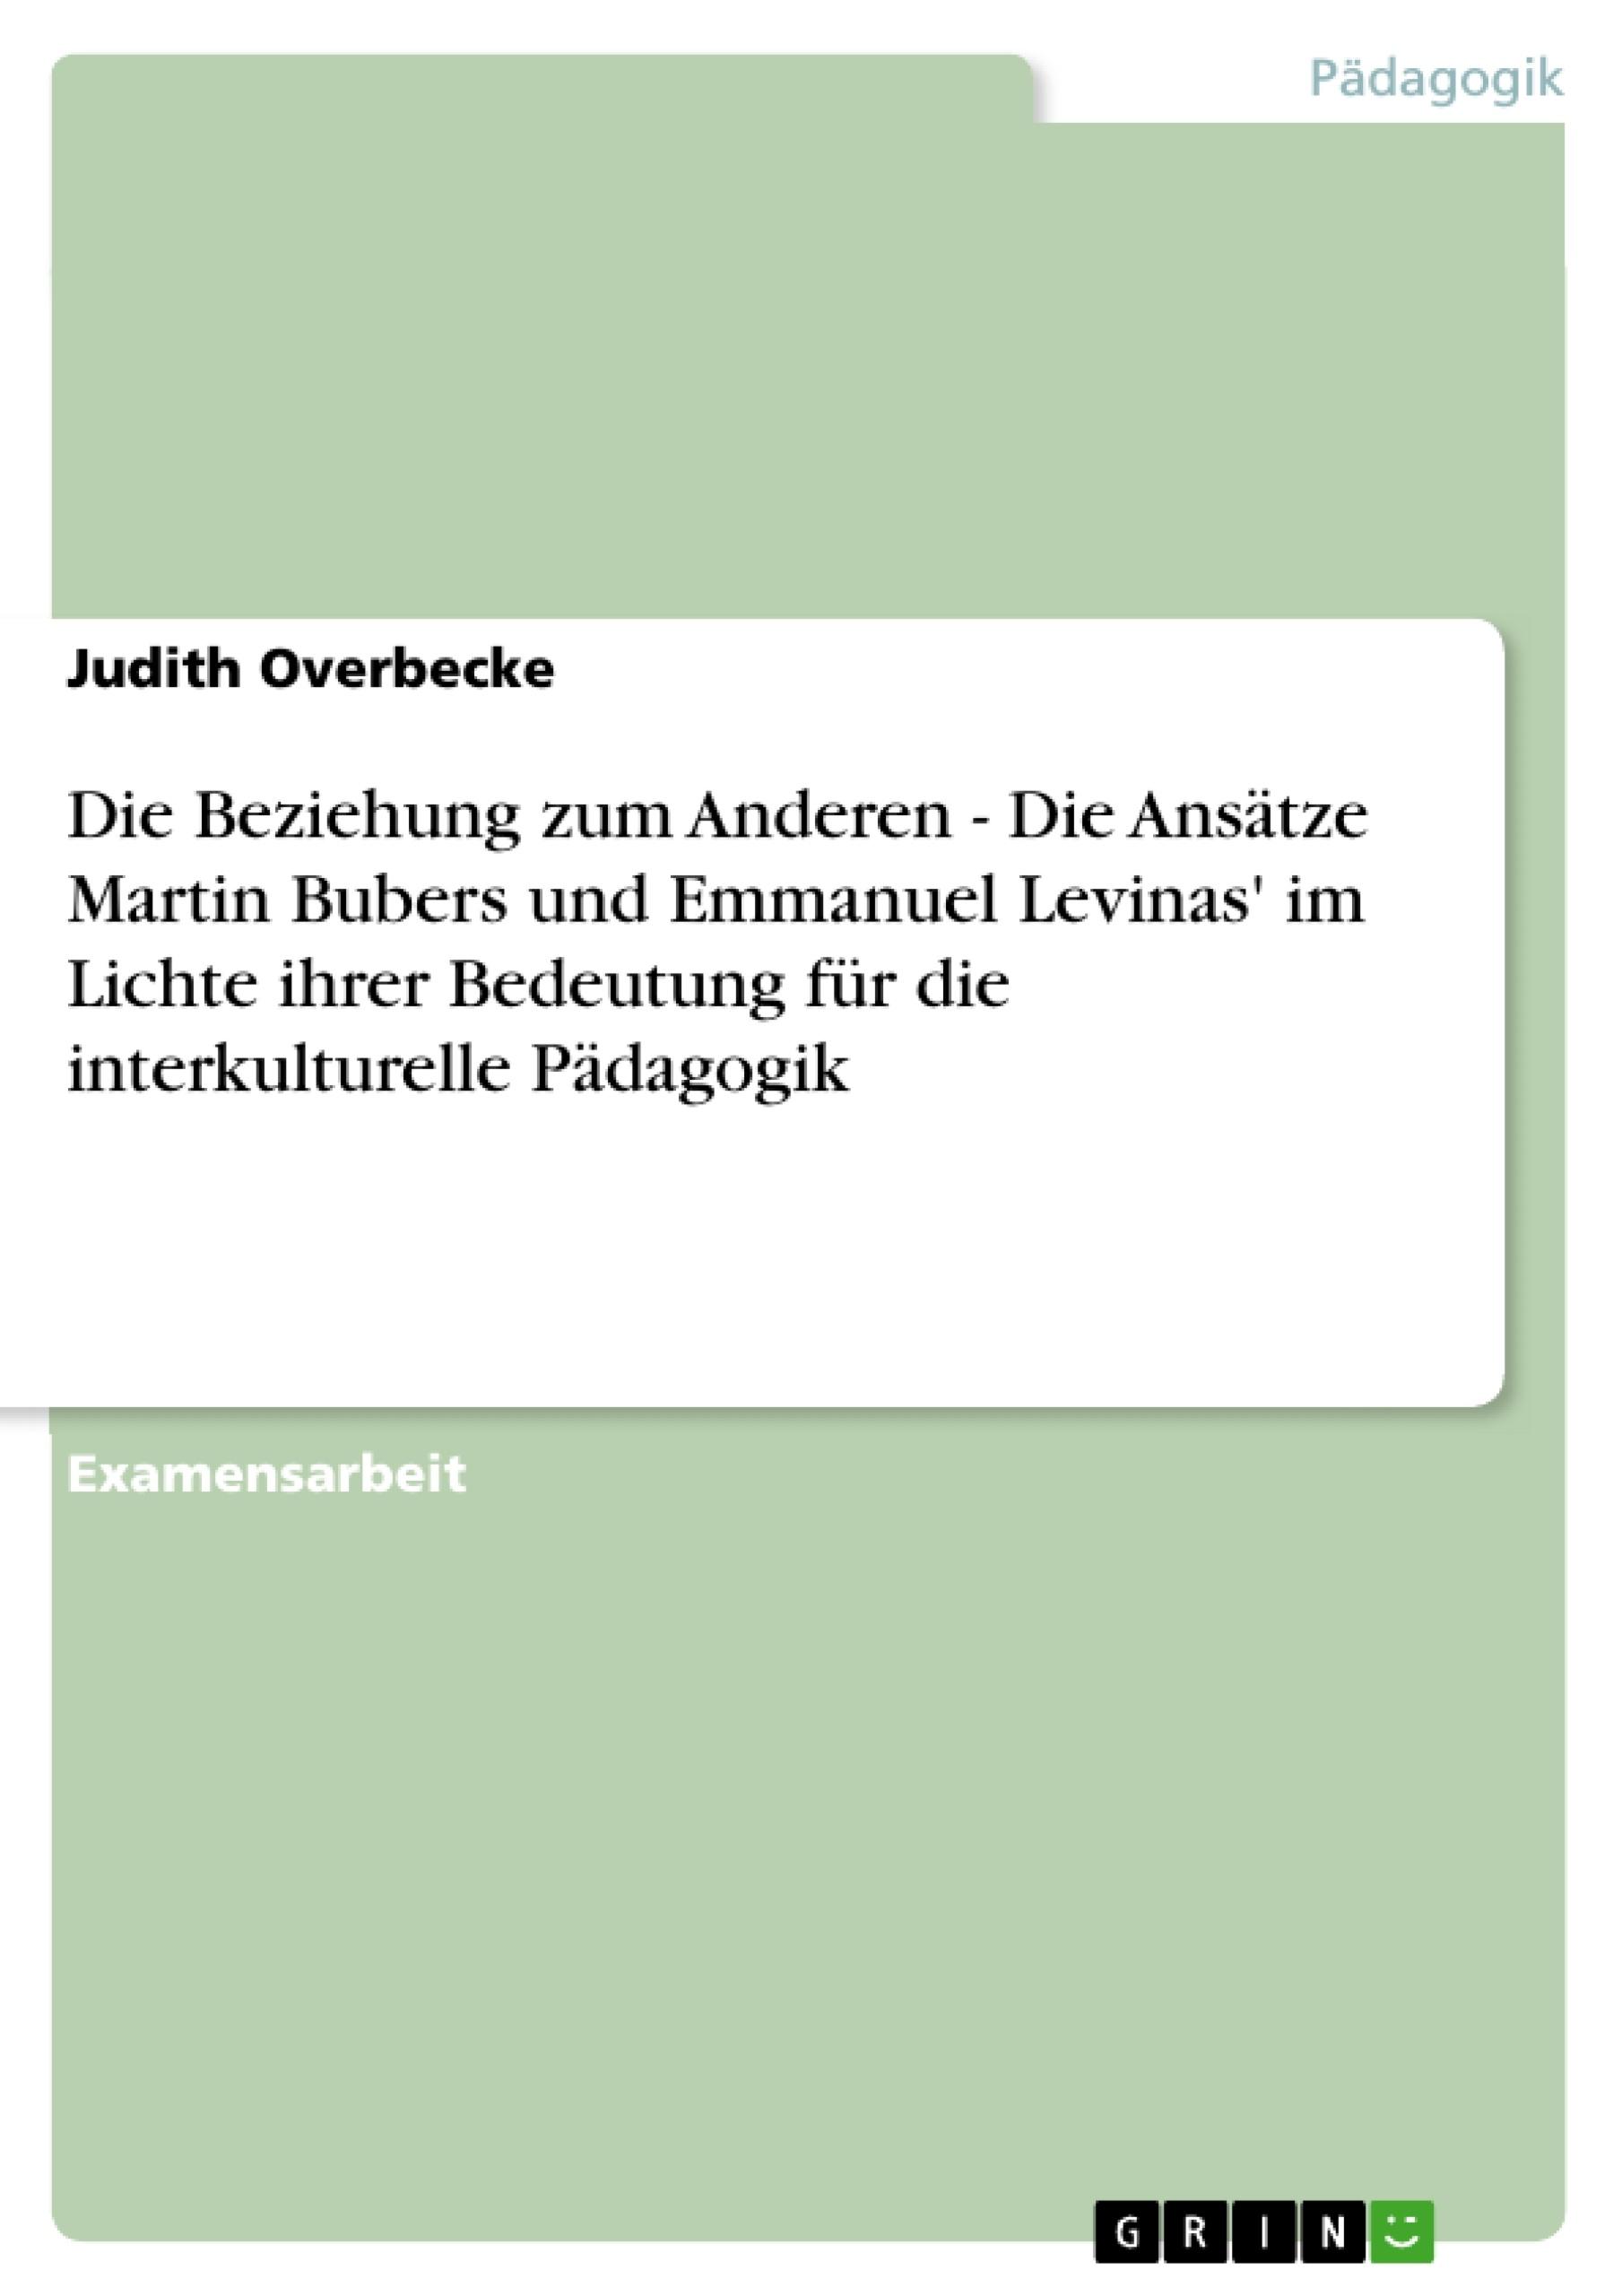 Titel: Die Beziehung zum Anderen - Die Ansätze Martin Bubers und Emmanuel Levinas' im Lichte ihrer Bedeutung für die interkulturelle Pädagogik